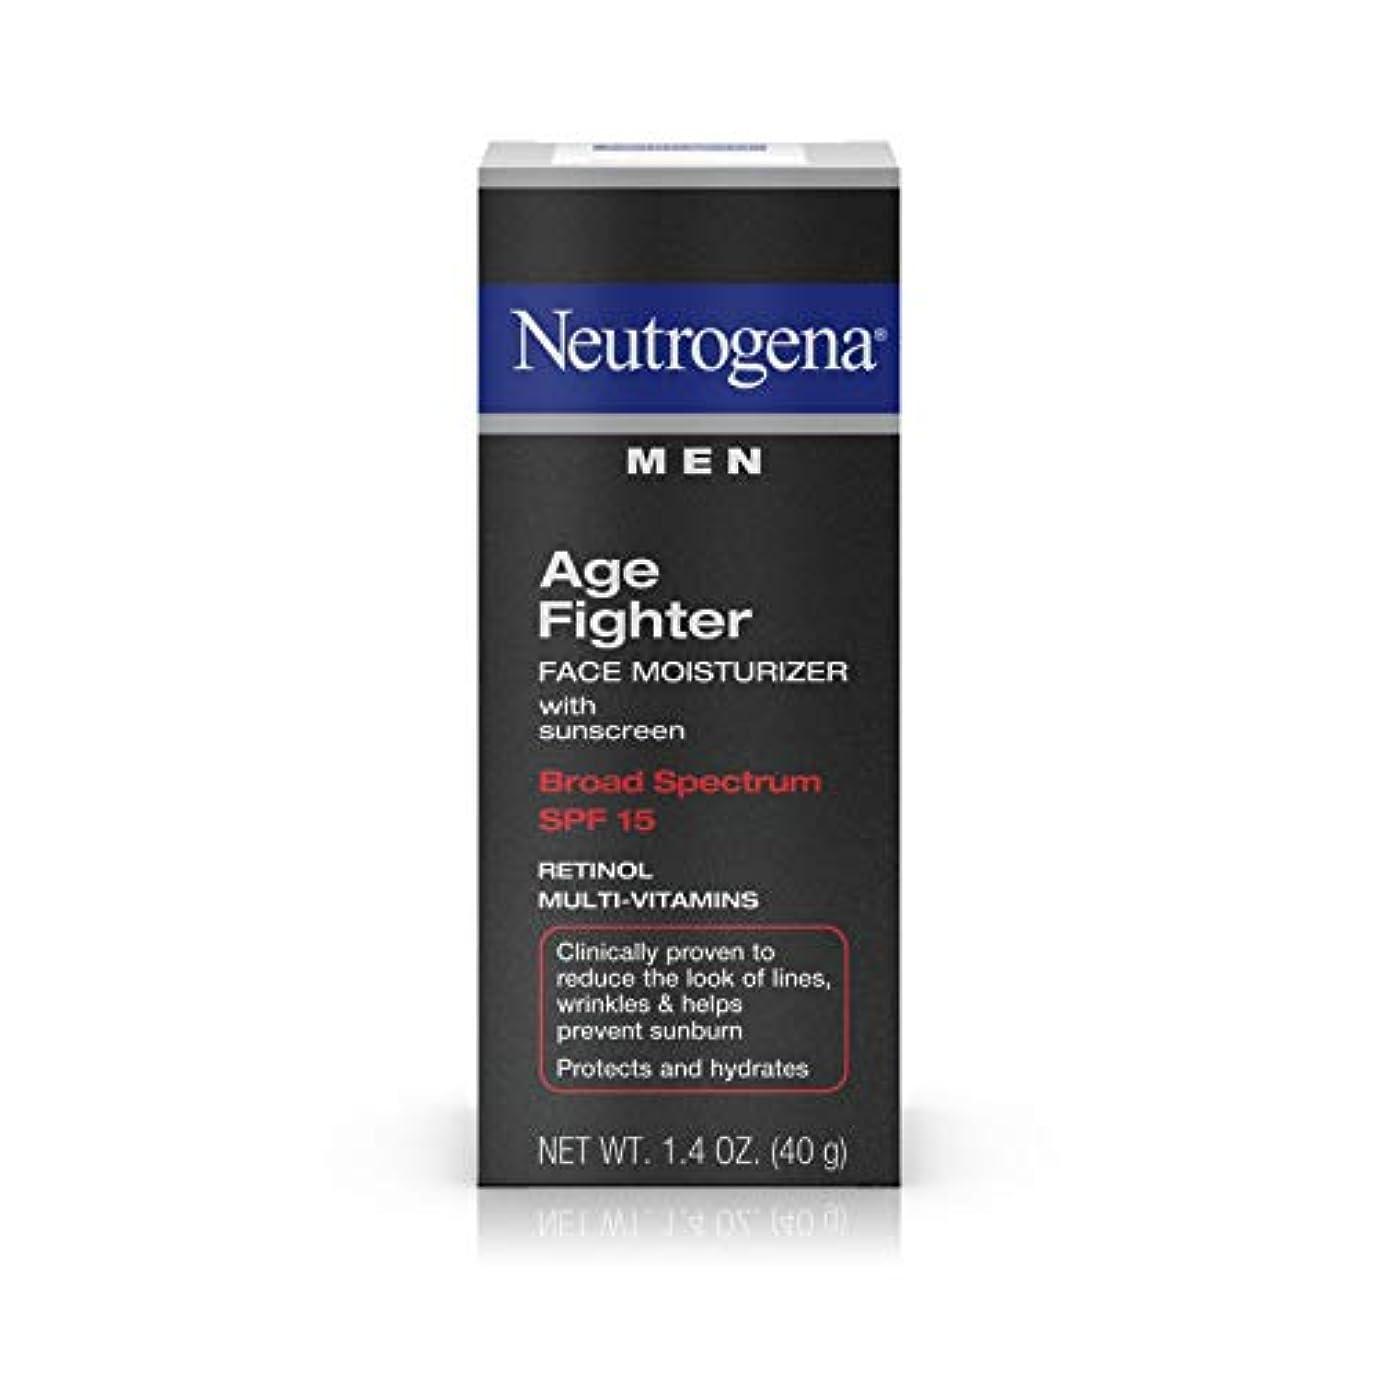 捨てる色合い因子Neutrogena Men Age Fighter Face Moisturizer with sunscreen SPF 15 1.4oz.(40g) 男性用ニュートロジーナ メン エイジ ファイター フェイス モイスチャライザー